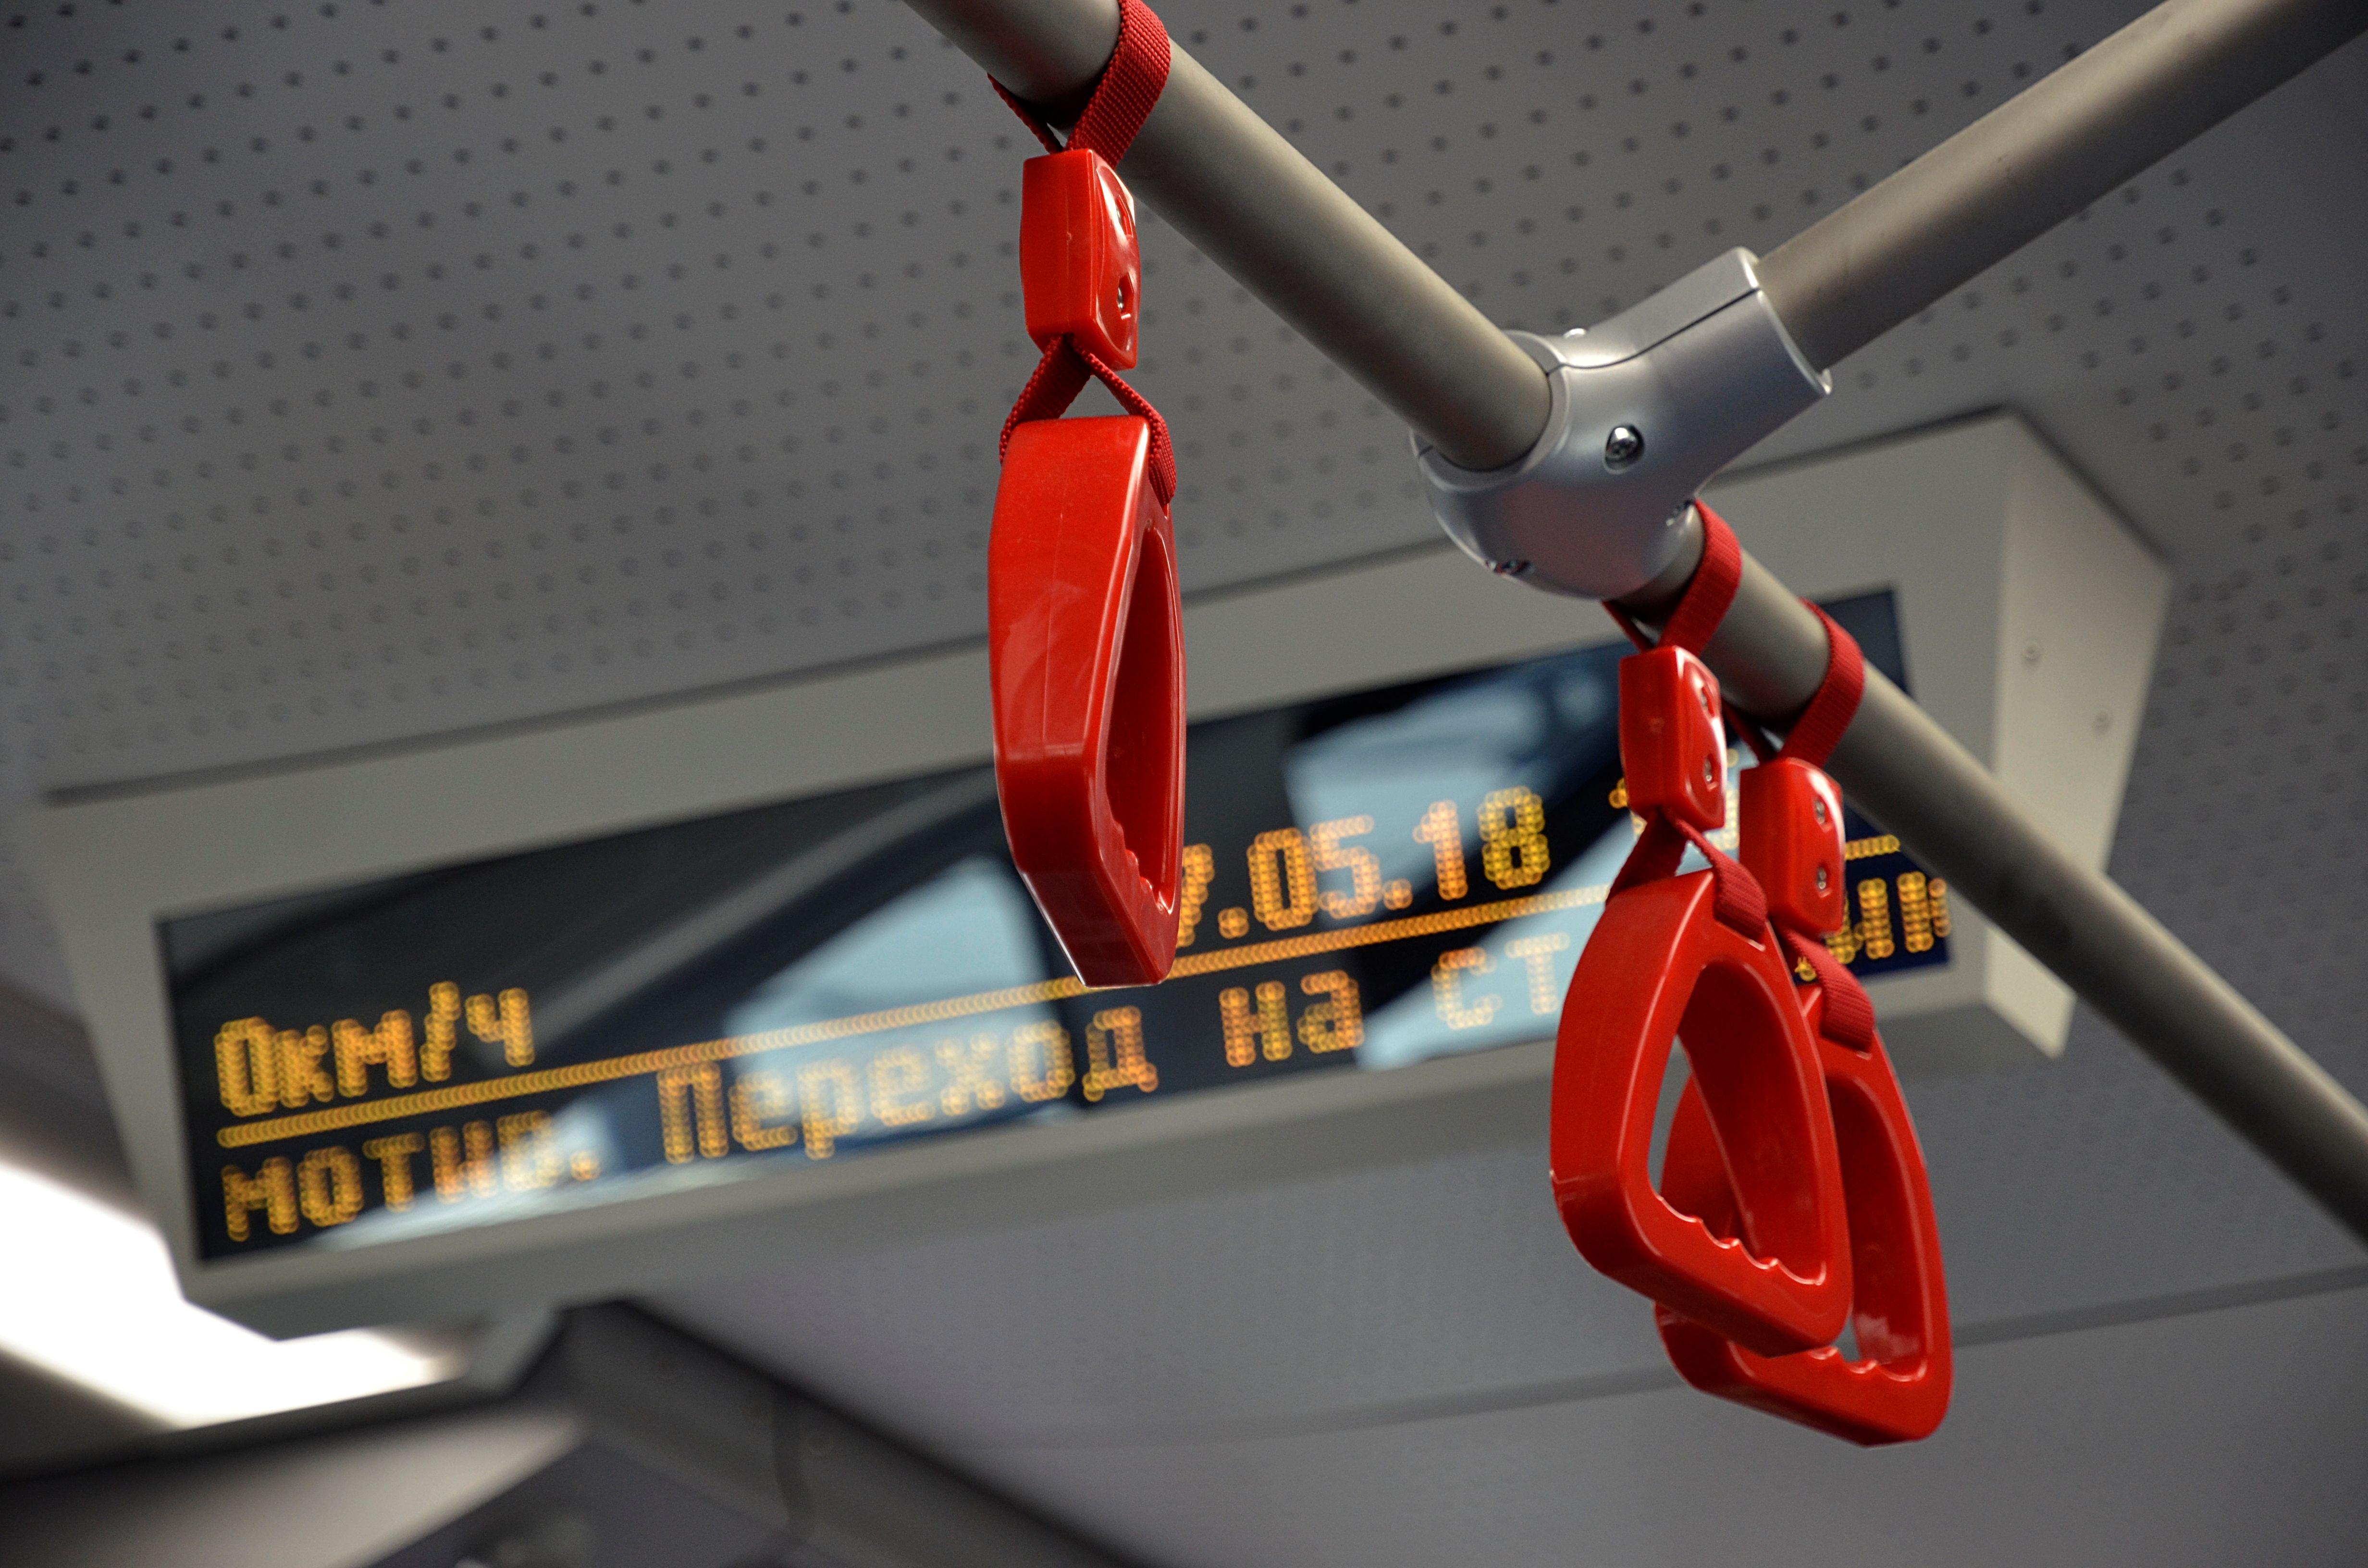 Вагоны тишины появились во всех поездах МЦК